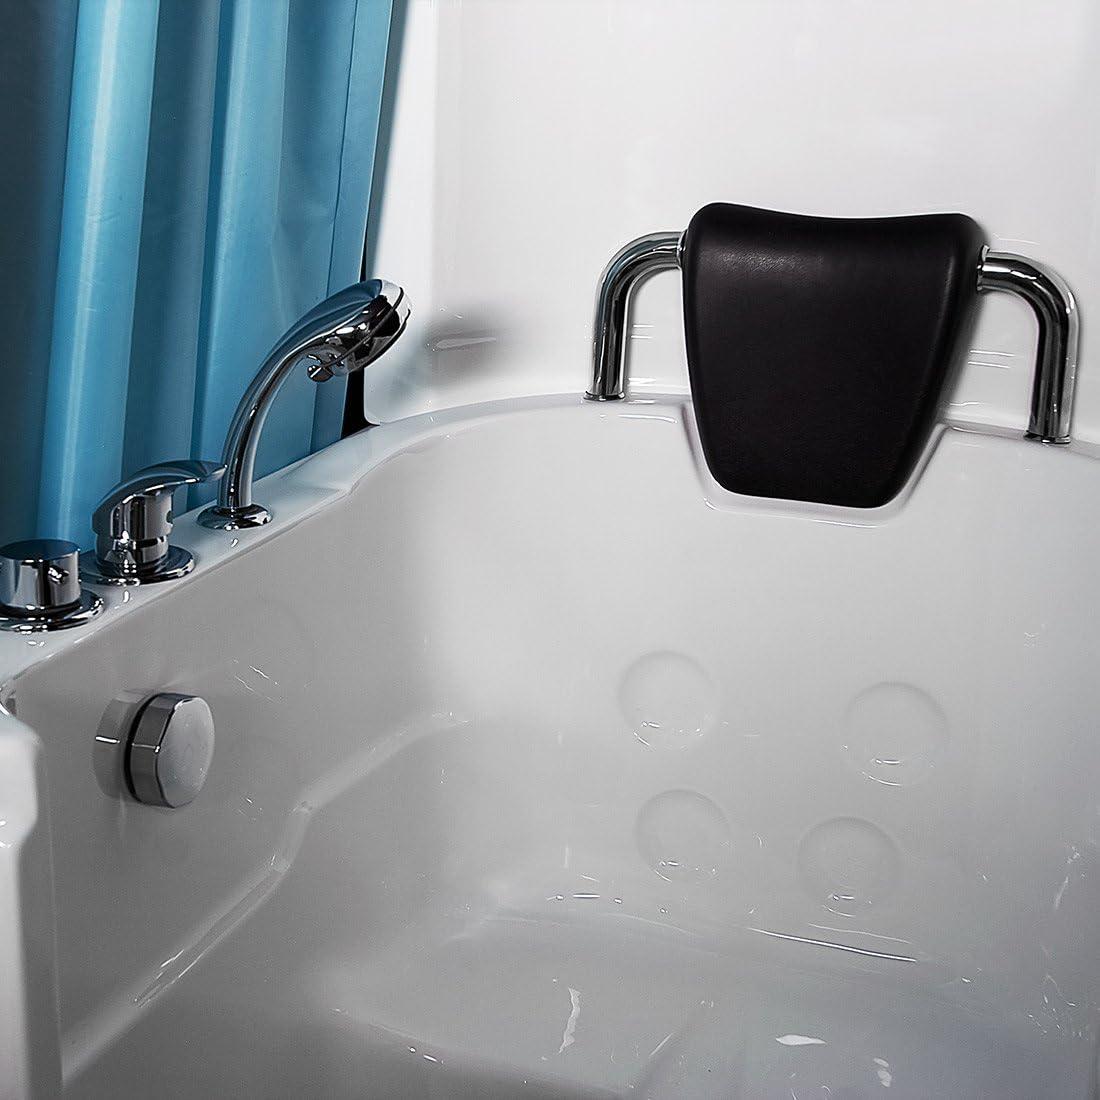 Personas Mayores ducha Asiento bañera Asiento bañera ducha bañera con puerta Pool a110d: Amazon.es: Bricolaje y herramientas